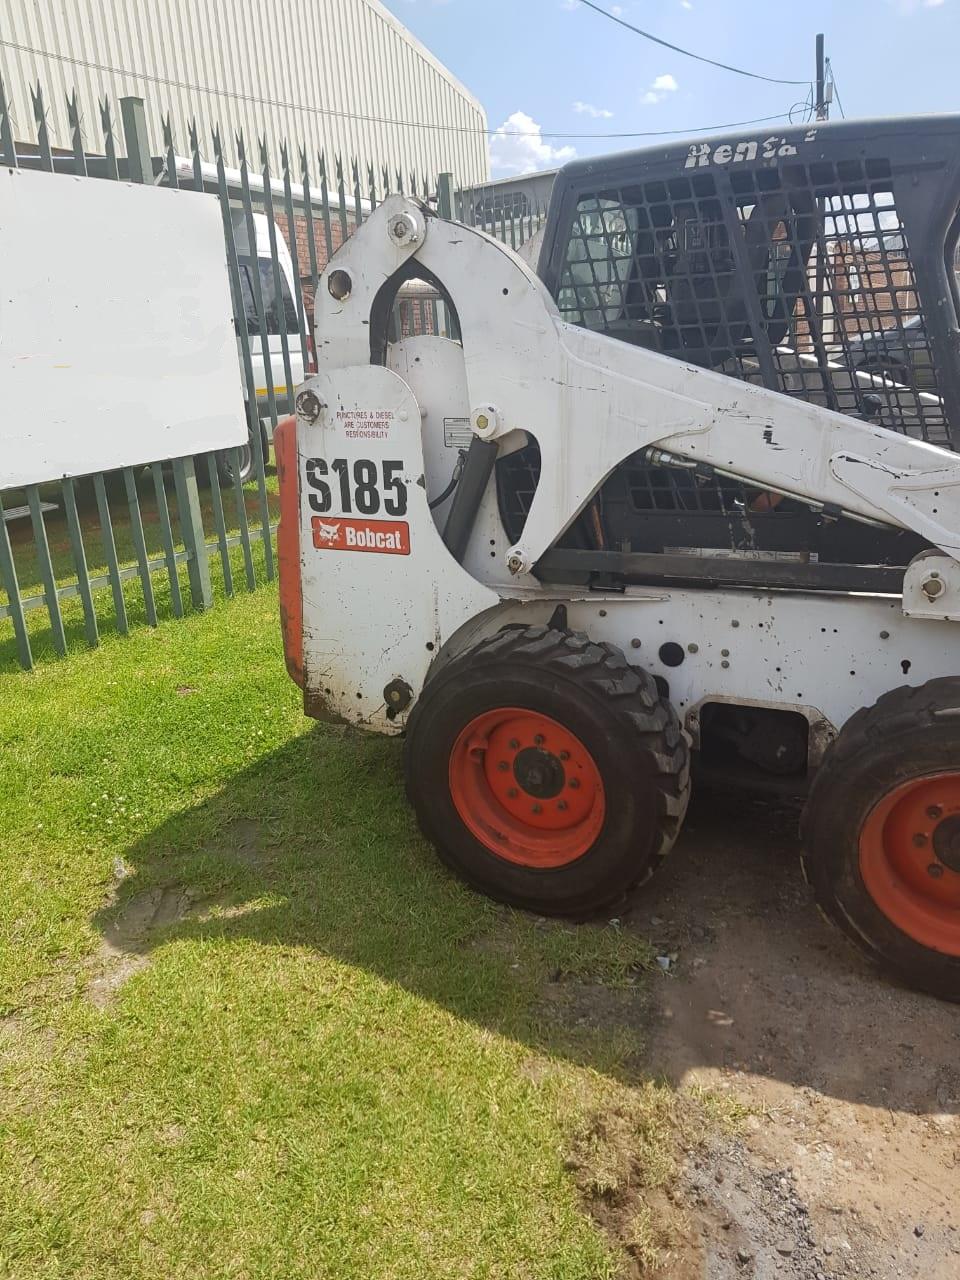 6 x Bobcat S185 skidsteers for sale